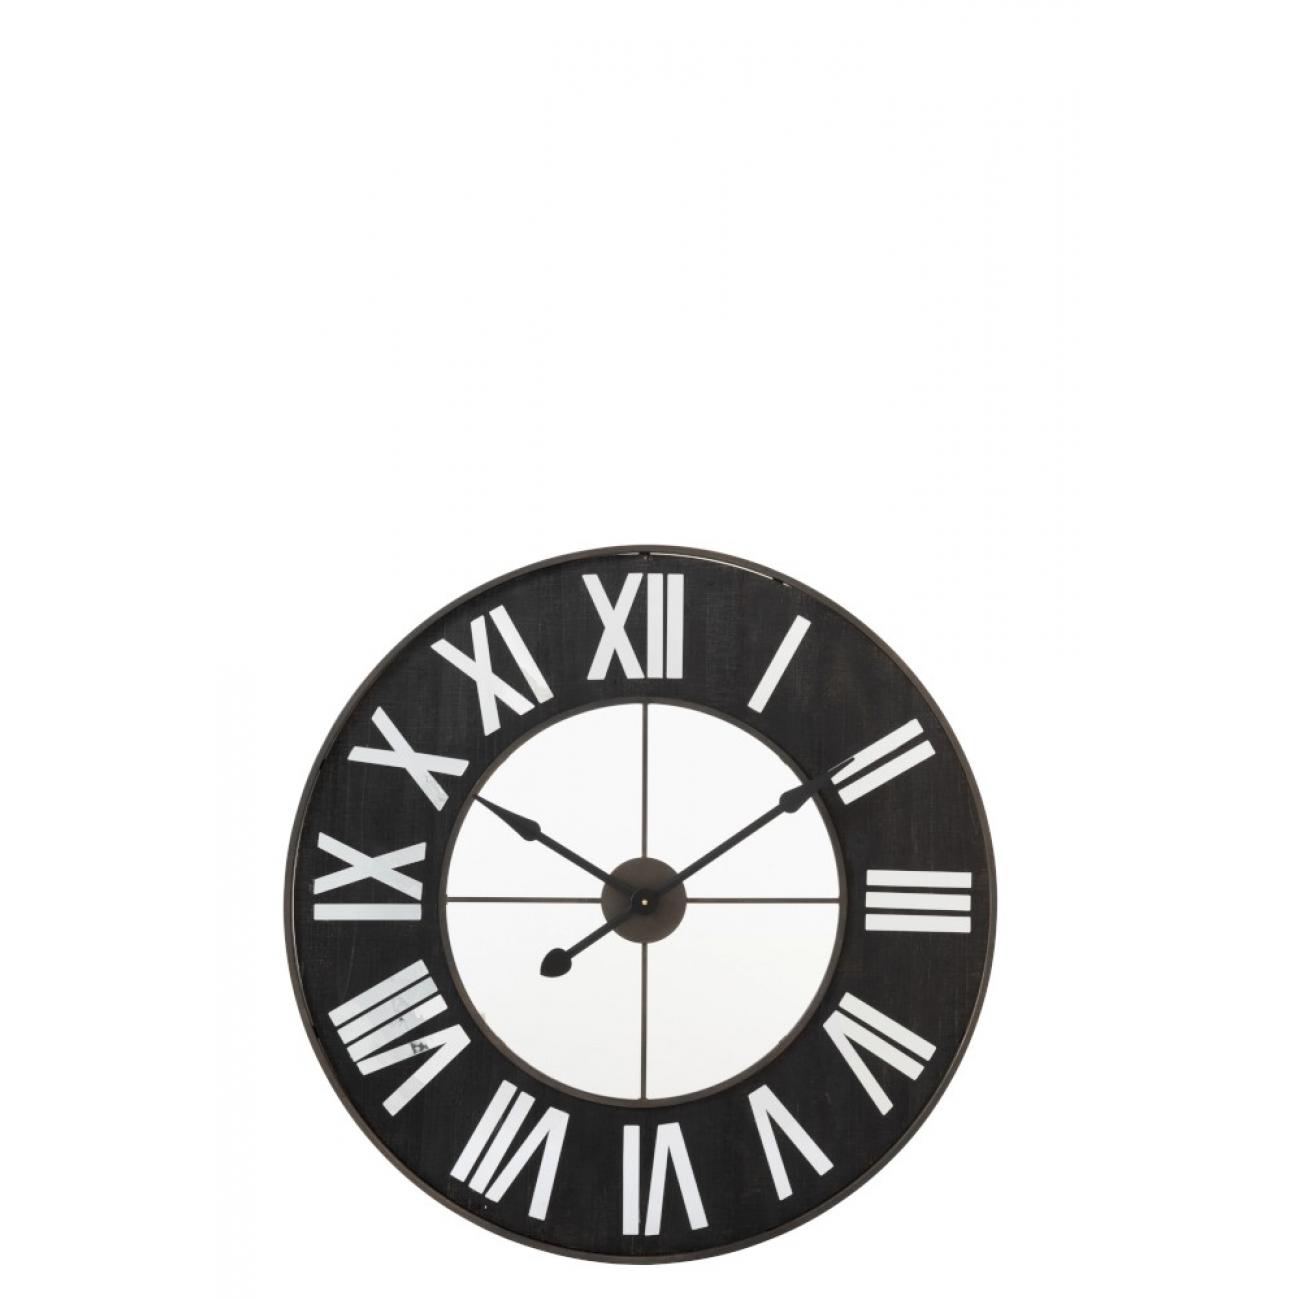 Настенные часы J-LINE круглые черные в металлическом корпусе диаметр 92 см